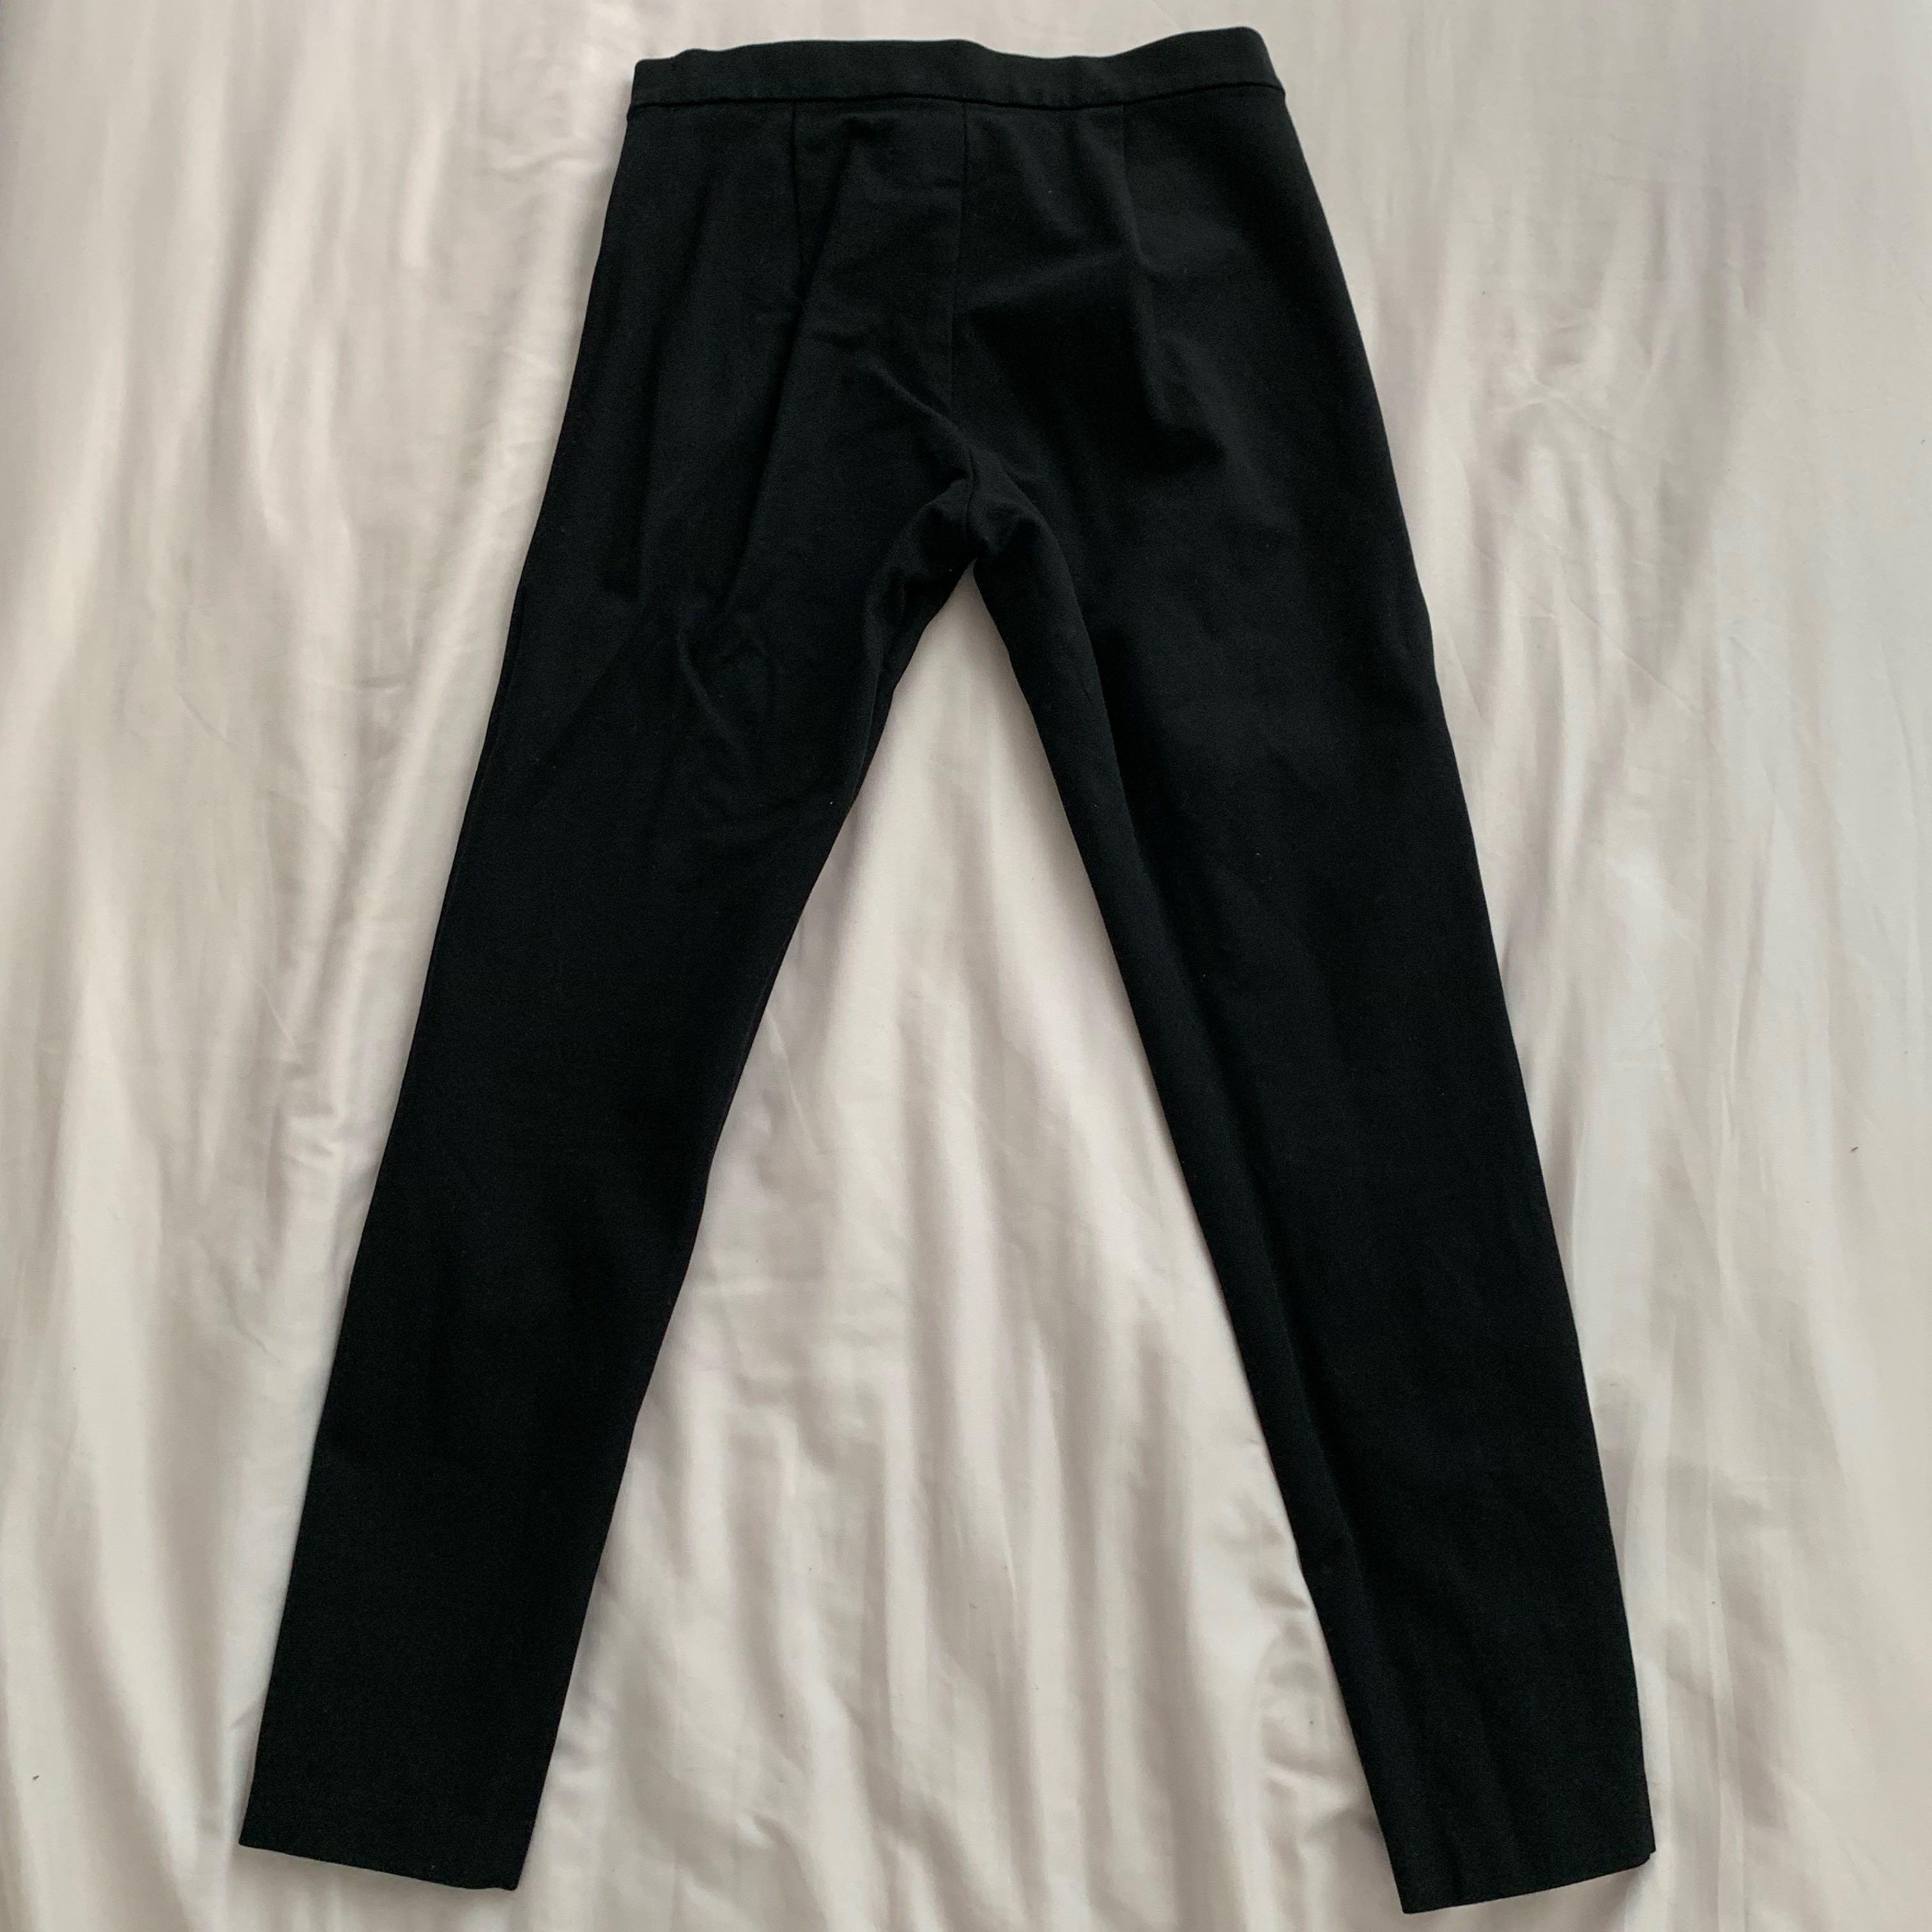 00P Banana republic black cropped ankle pants Devon